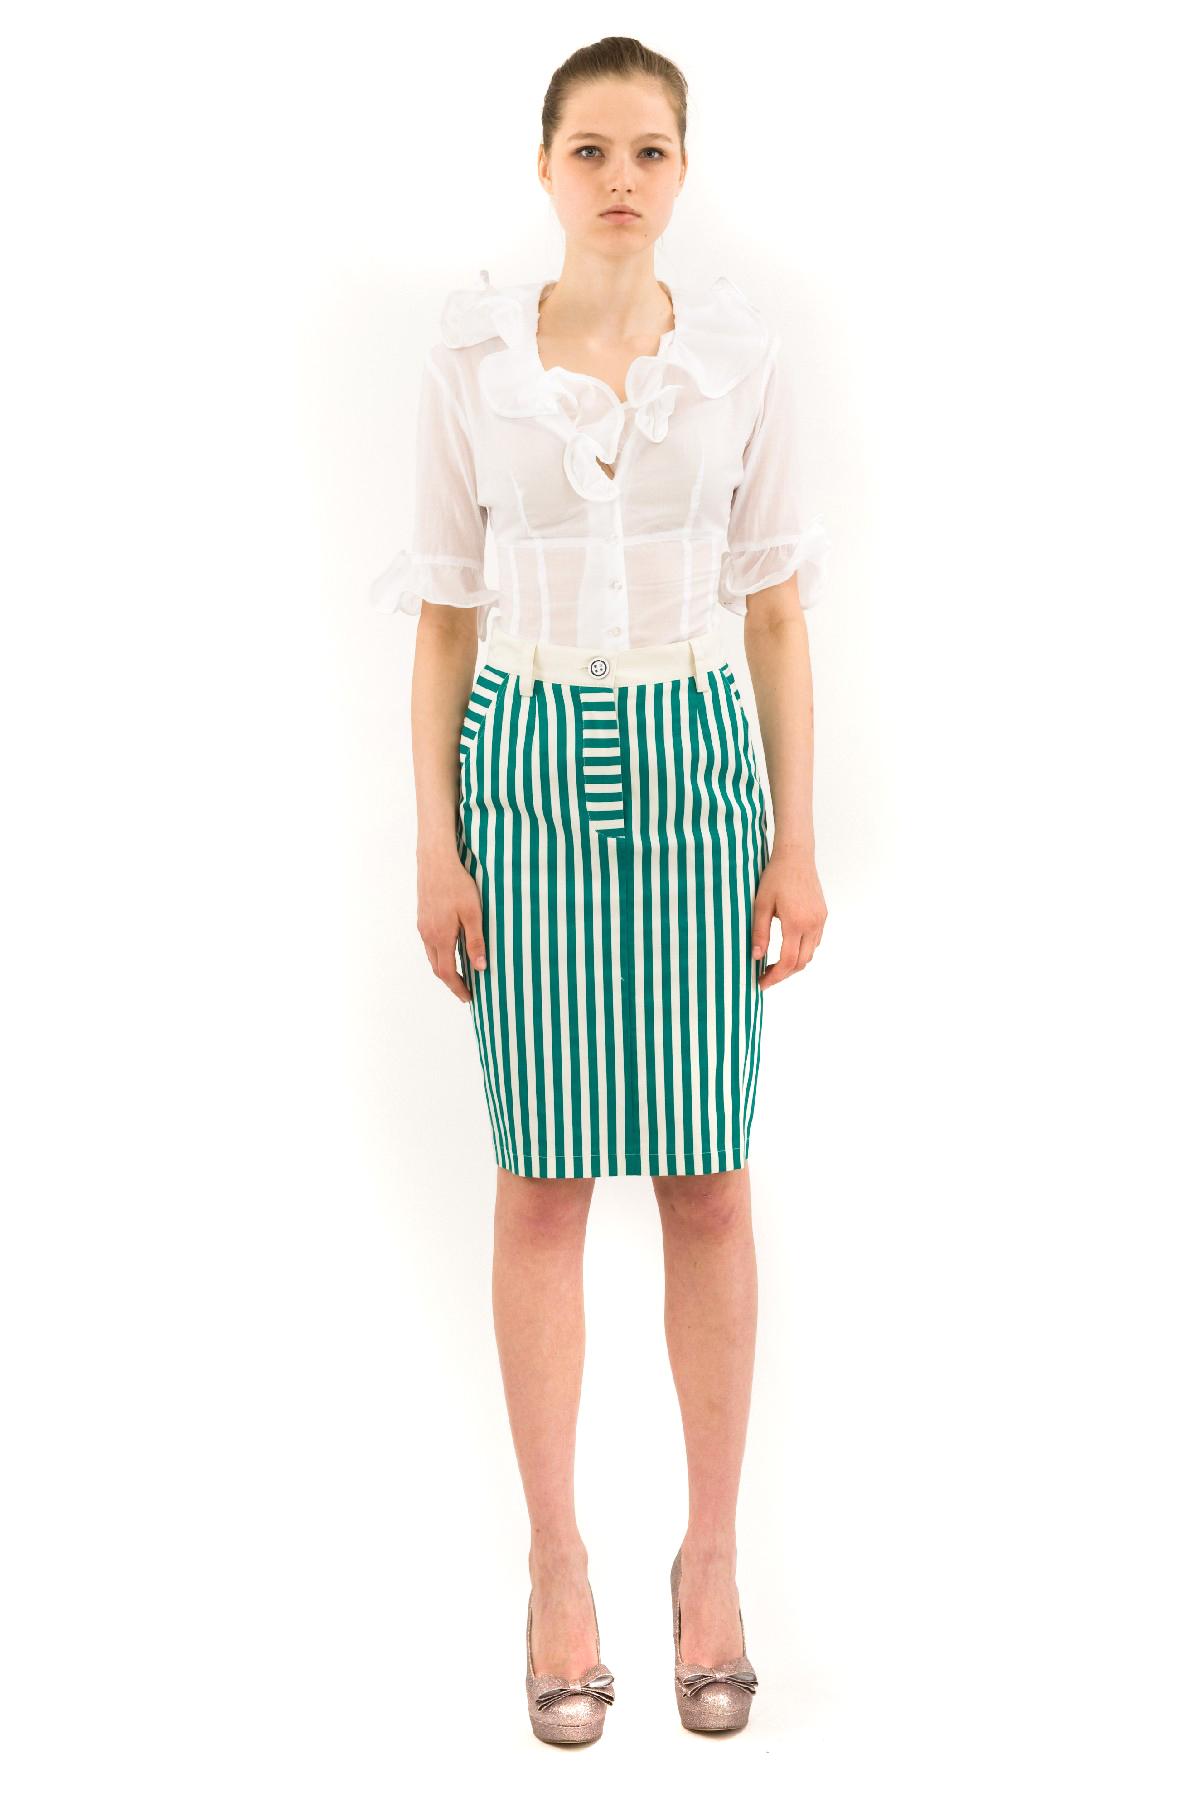 БлузаЖенские блузки<br>Отличная блузкас оригинальным воротником, которые придают этой вещи необычайную женственность. Блузка выполнена из высококачественного хлопкового материала.<br><br>Цвет: белый<br>Состав: 100% хлопок<br>Размер: 40,42,44<br>Страна дизайна: Россия<br>Страна производства: Россия